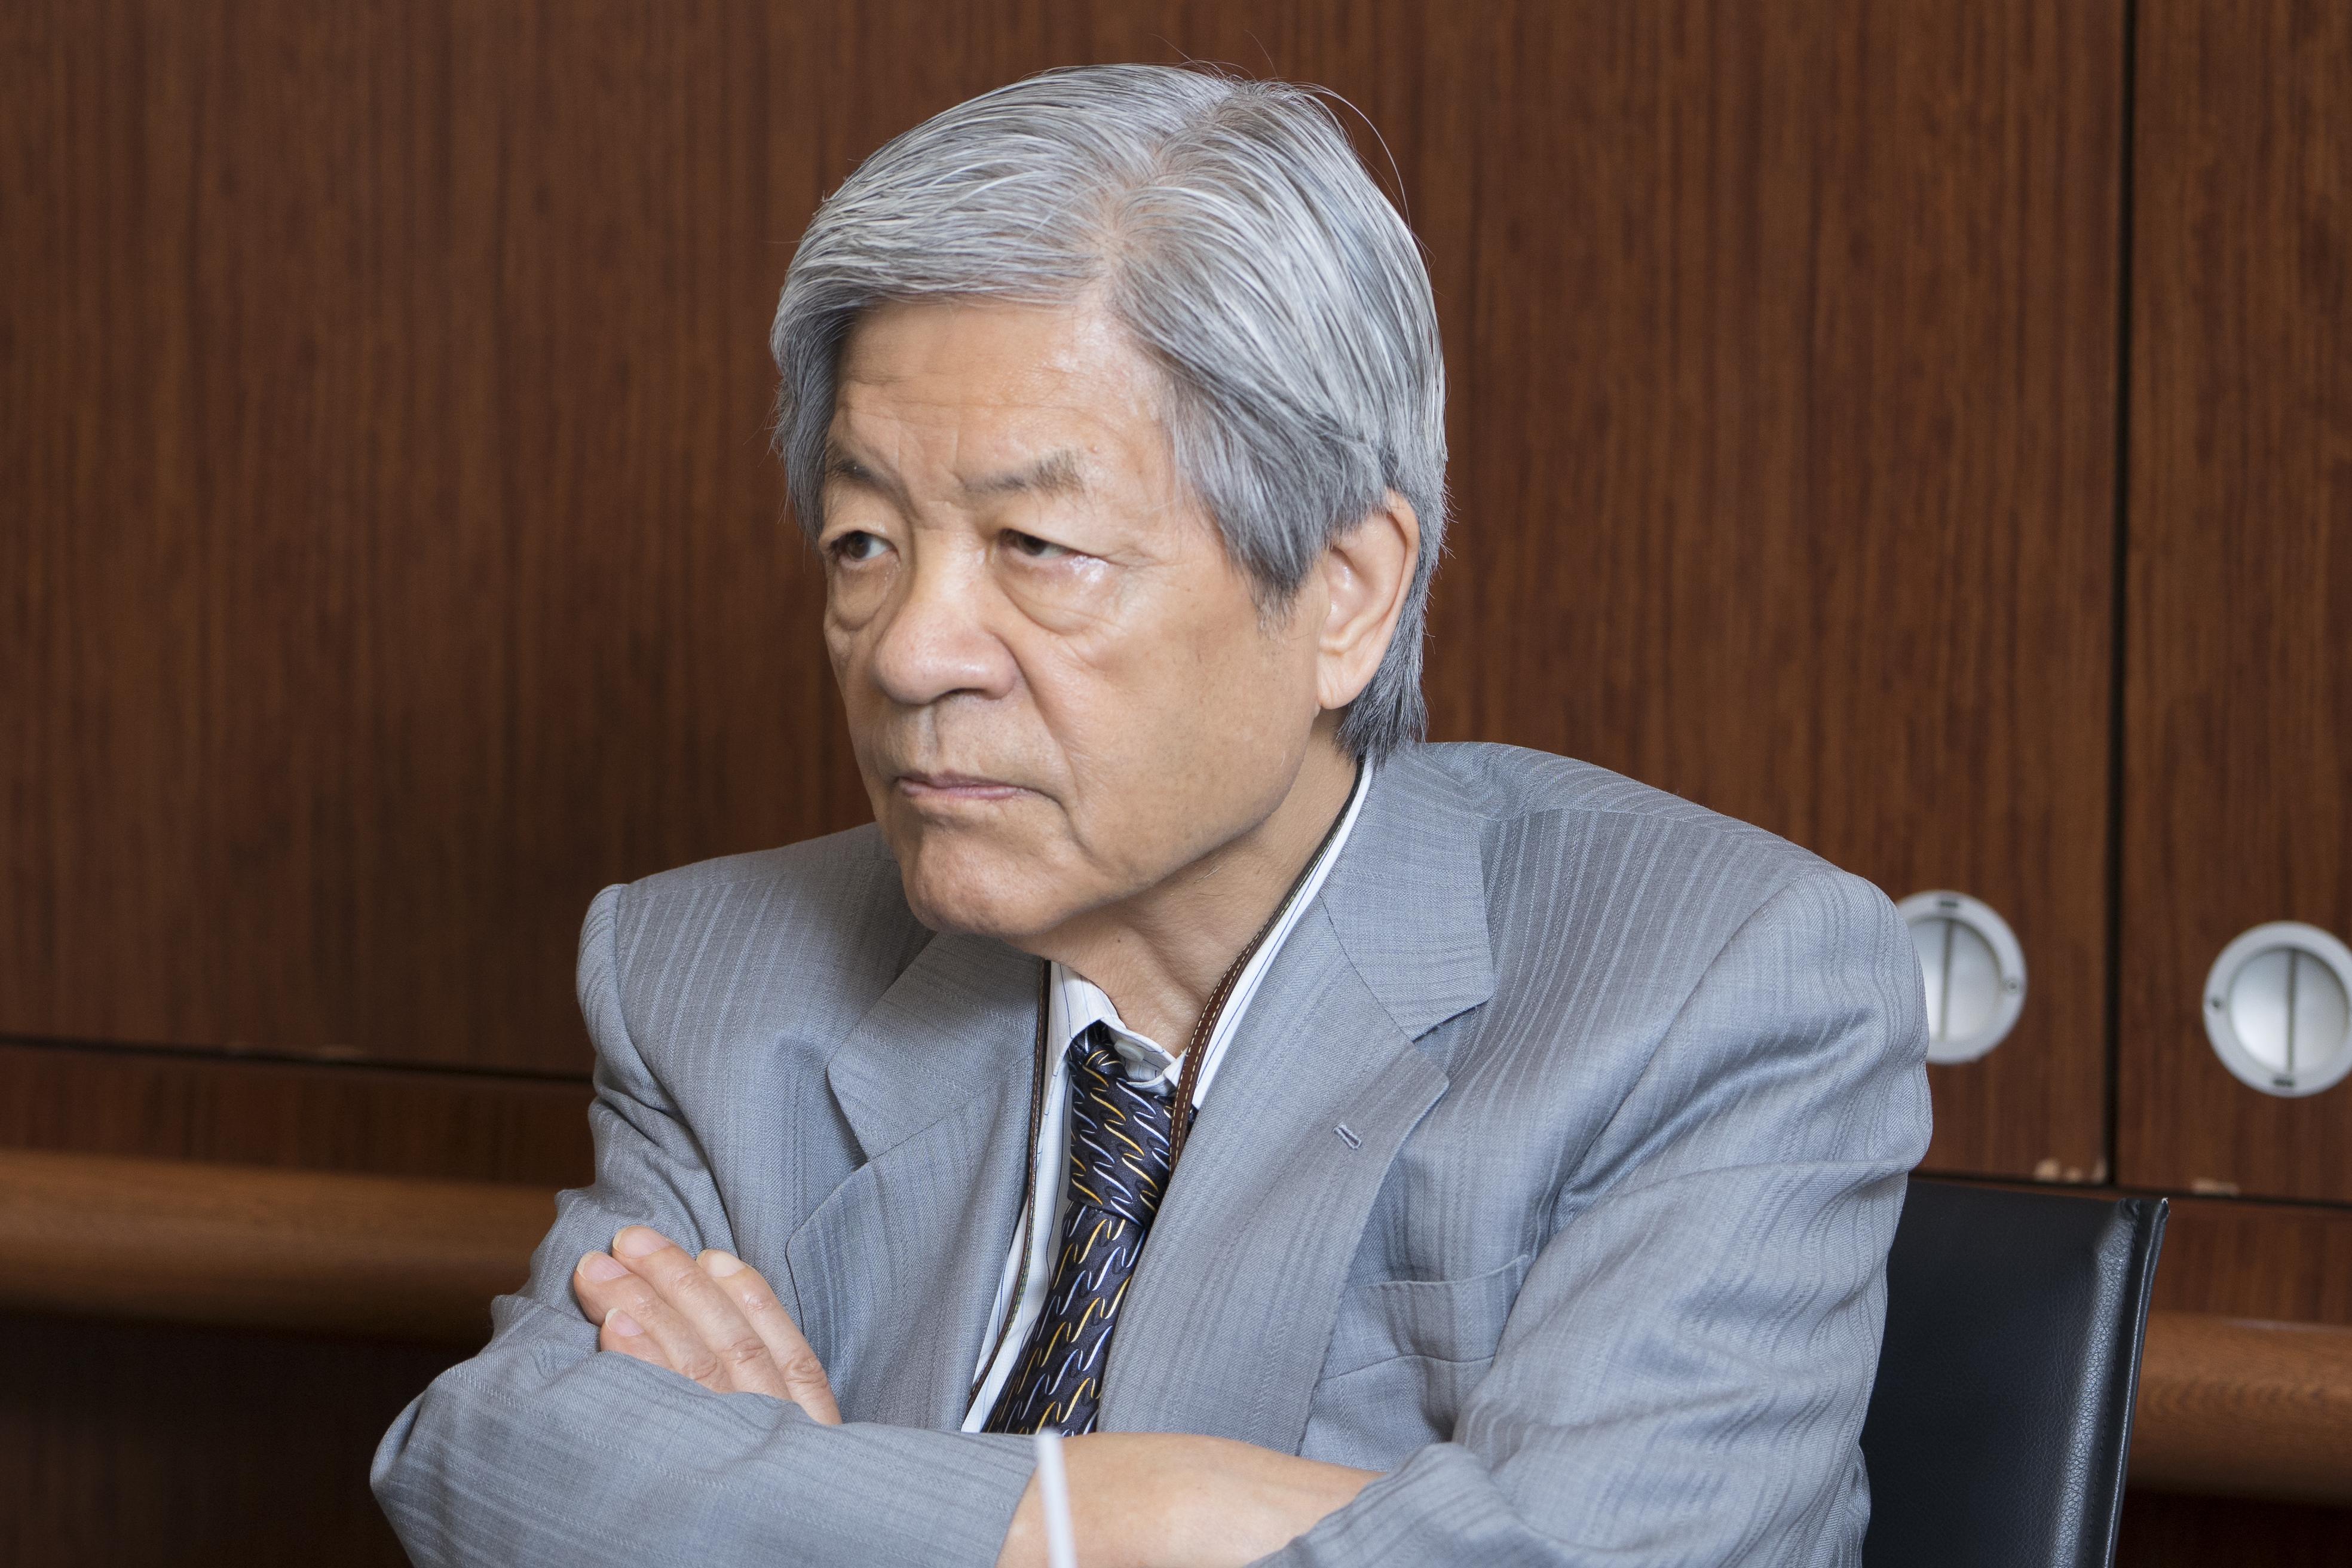 田原総一朗 「一般言われている偉い人、そして政府、国家は国民を騙すもの、信頼してはいけないと思い始めた。それがジャーナリストになる原体験」